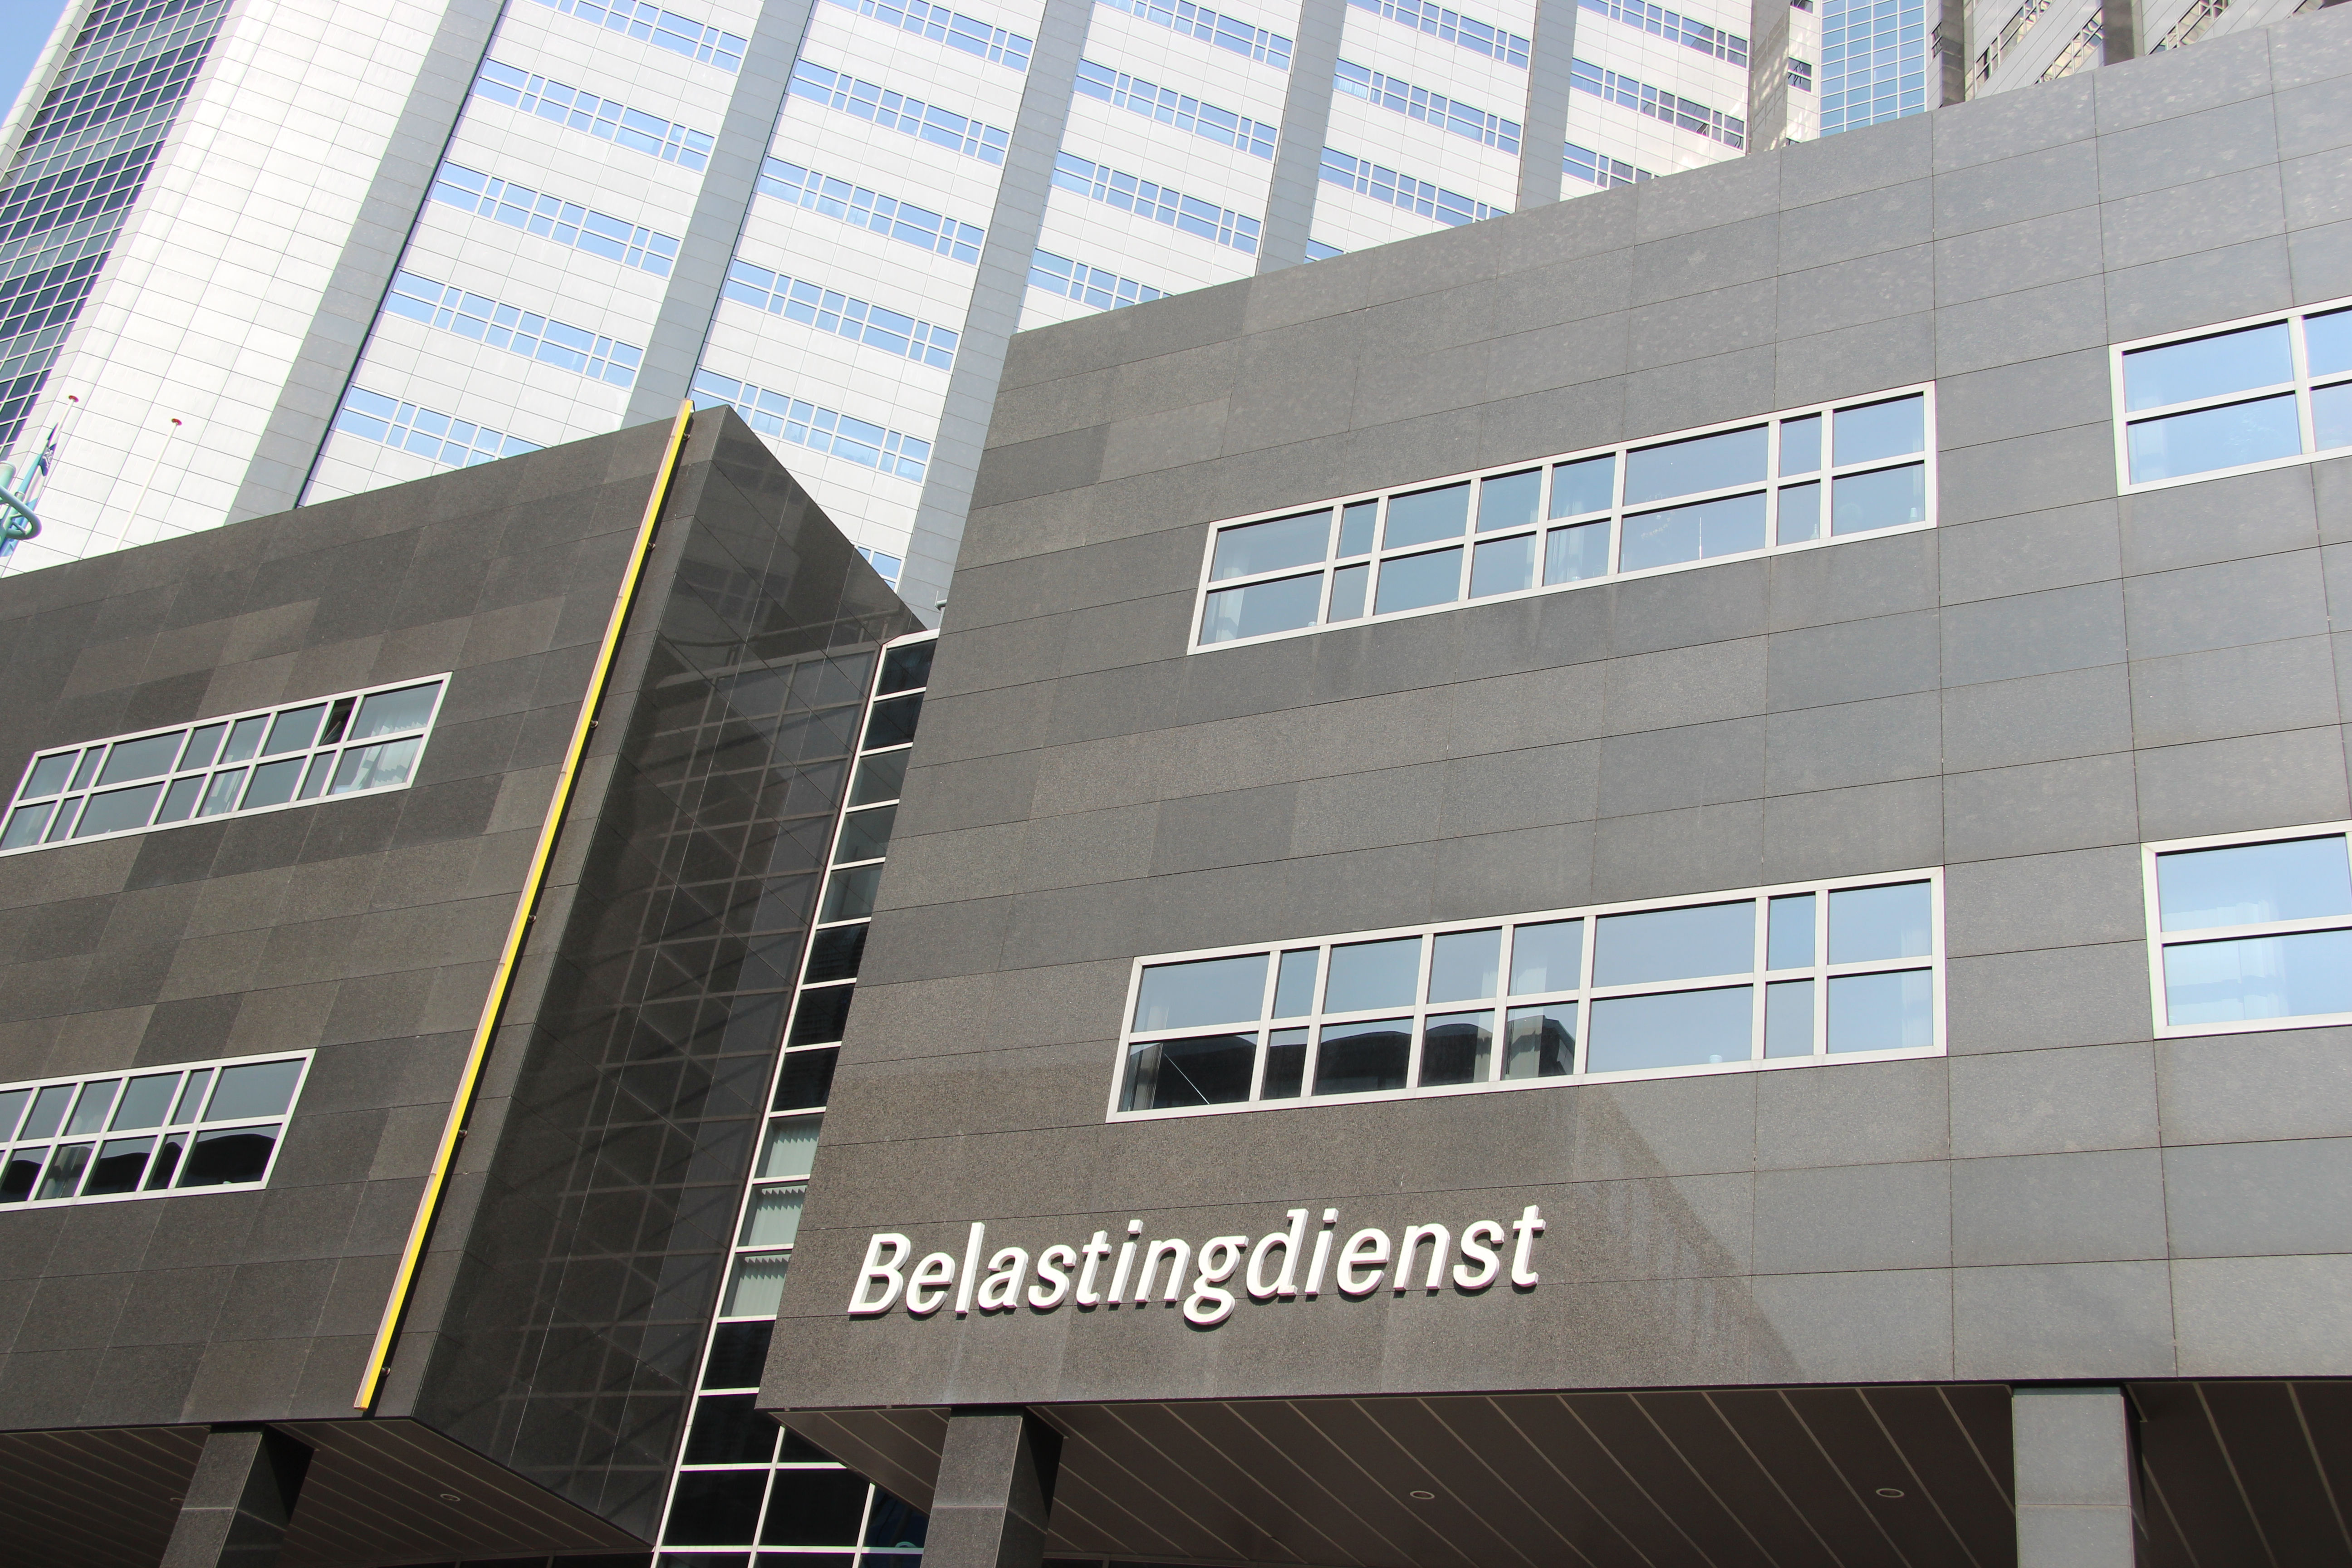 File:Belastingdienst Amsterdam 3.JPG Belastingdienst